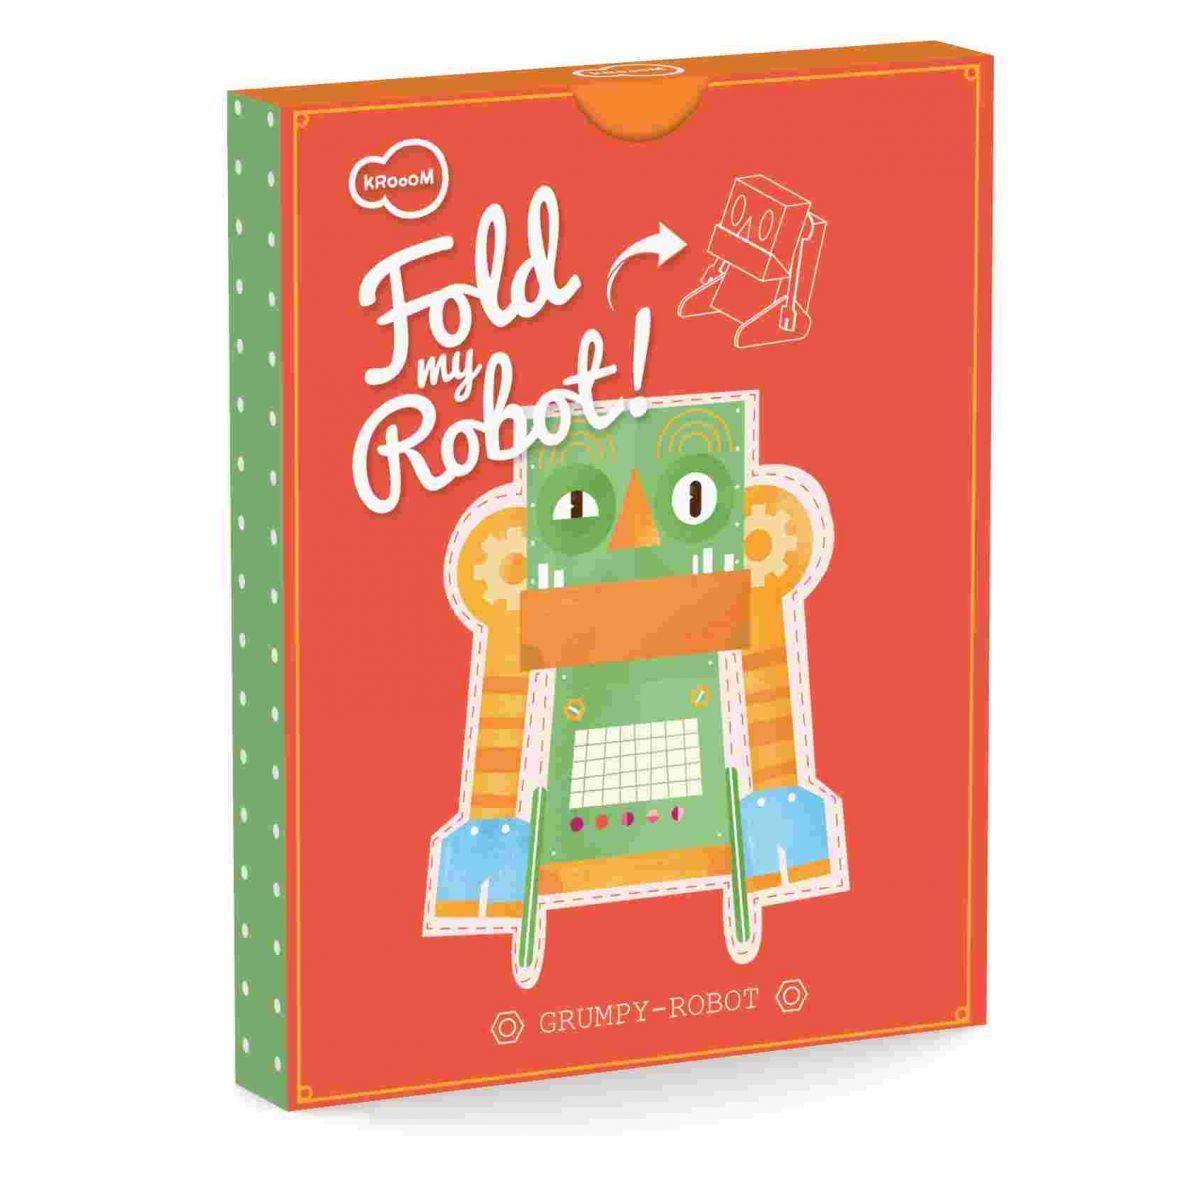 Robô de Brincar Mal Humorado Krooom